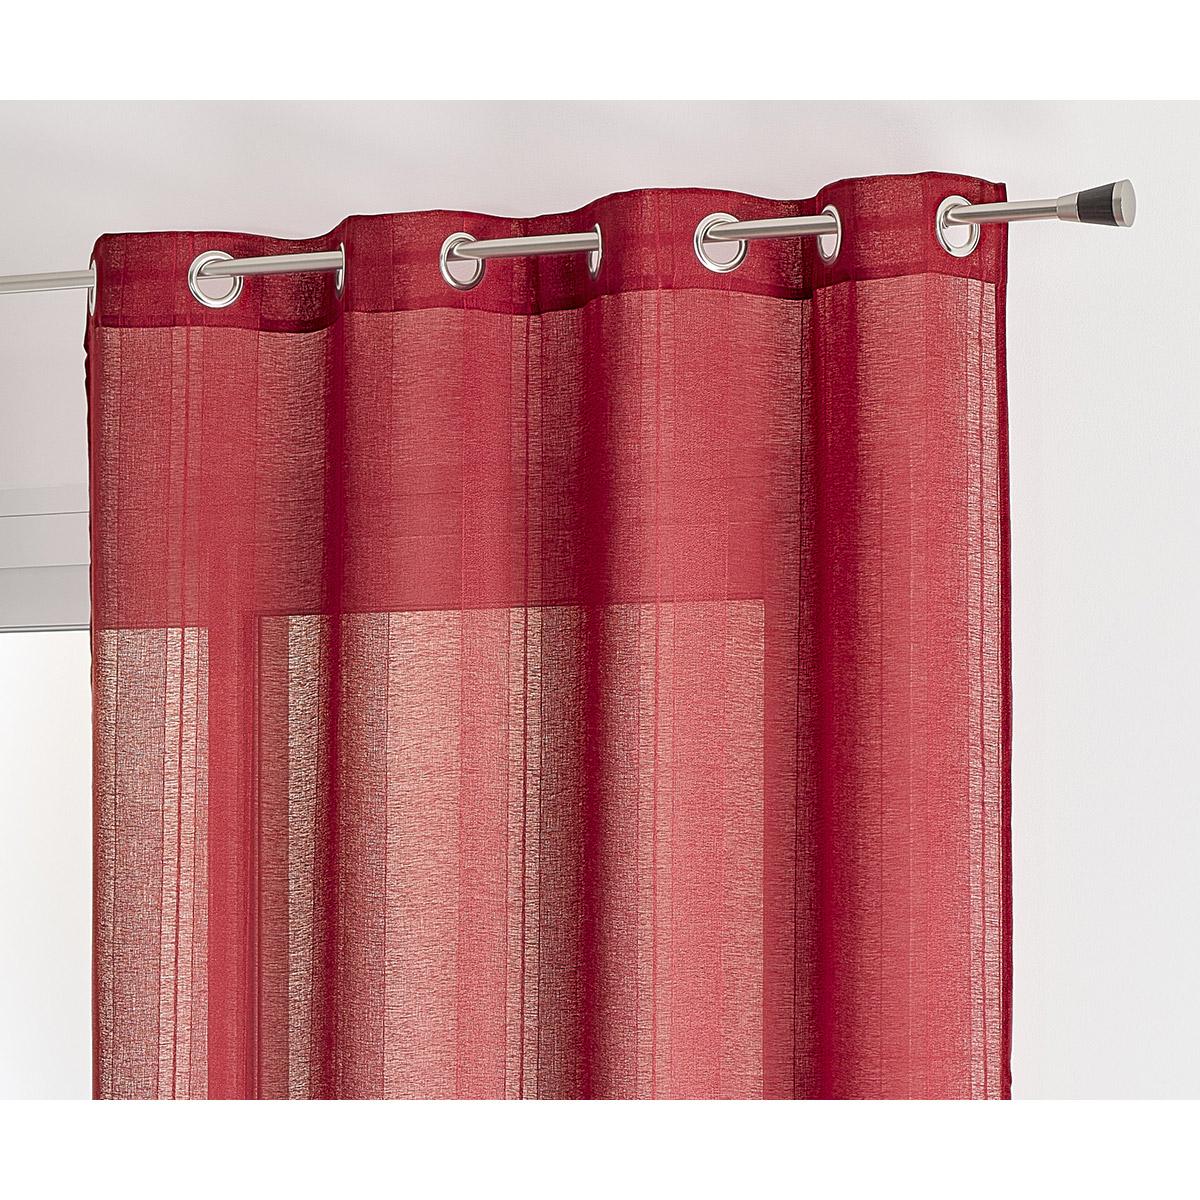 Voilage uni à rayures fantaisie polyester rubis 240x140